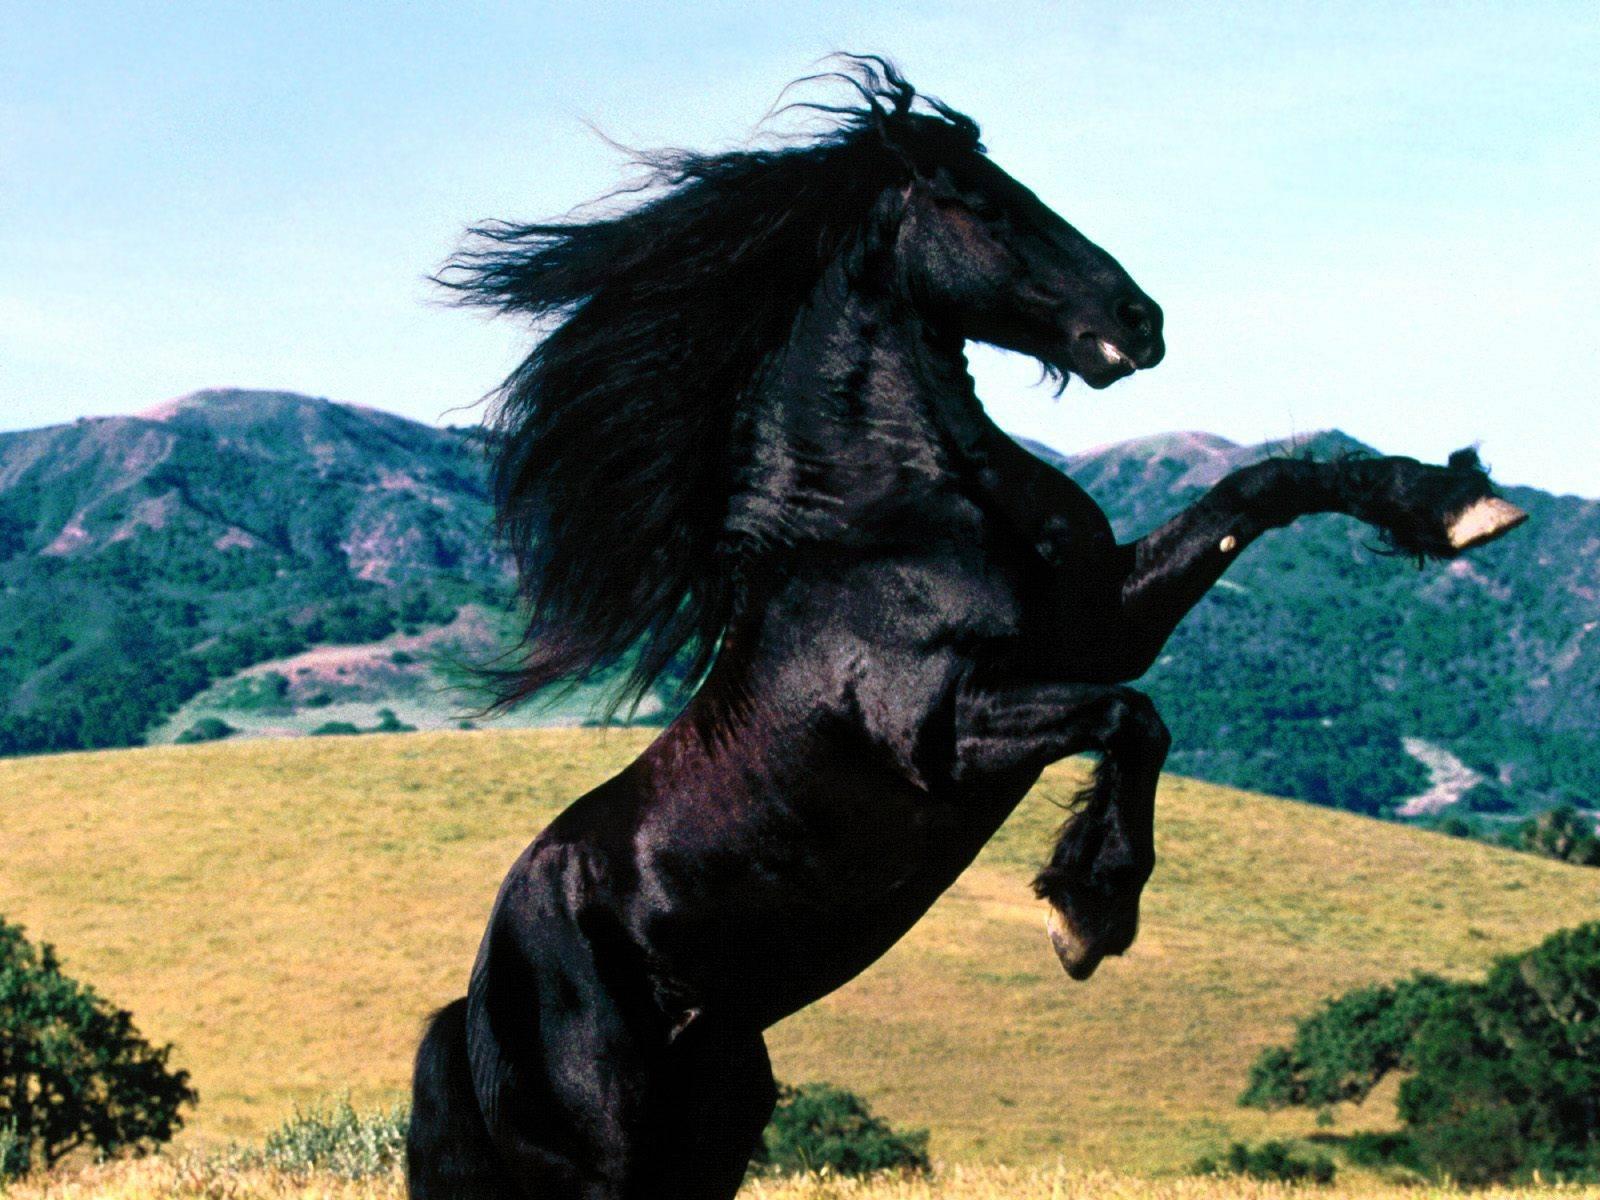 Wallpaper - Paarden